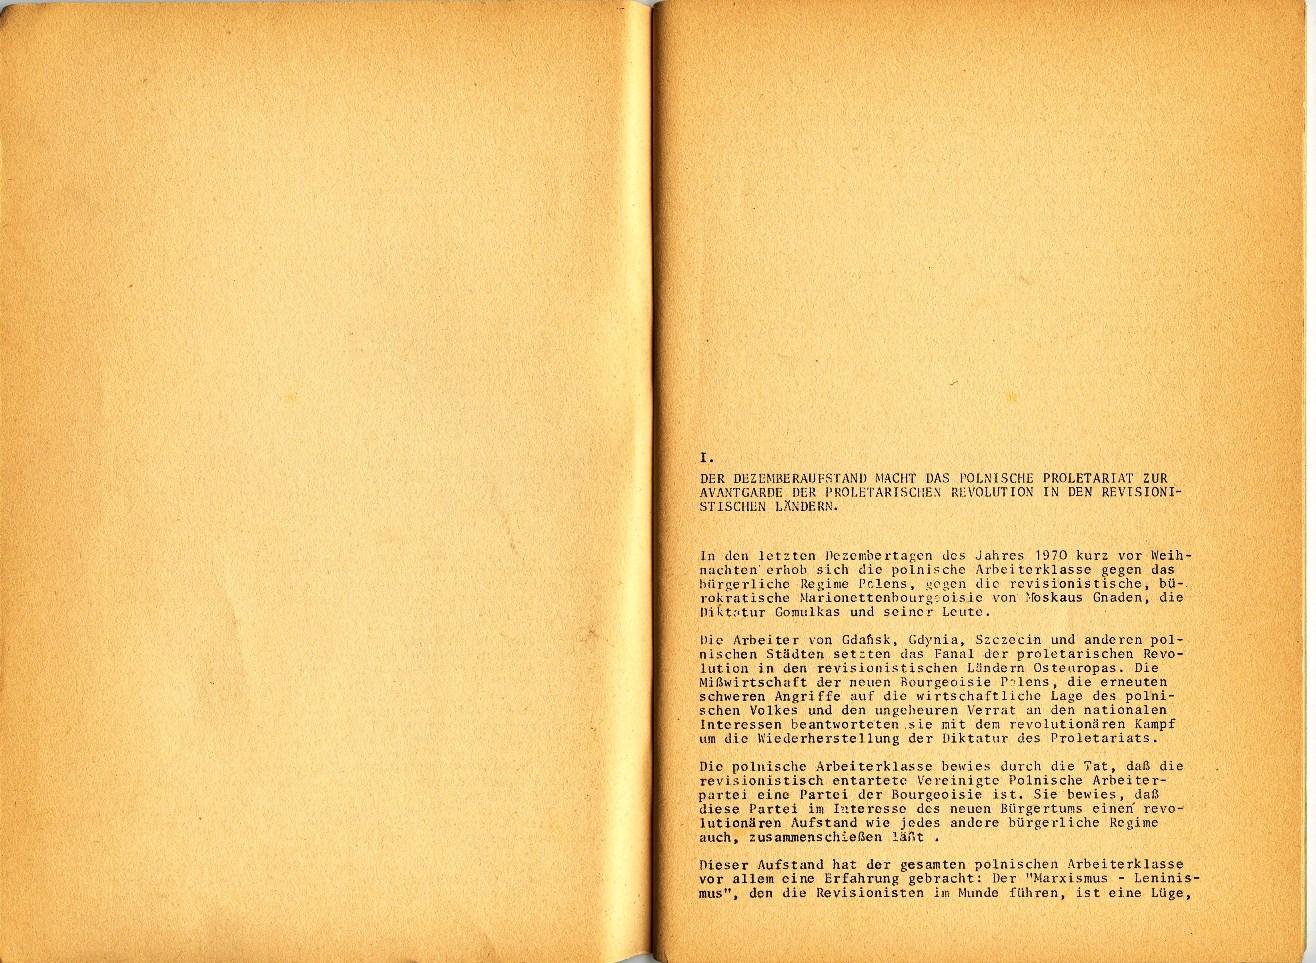 ZB_Polen_Aufstand_1971_04